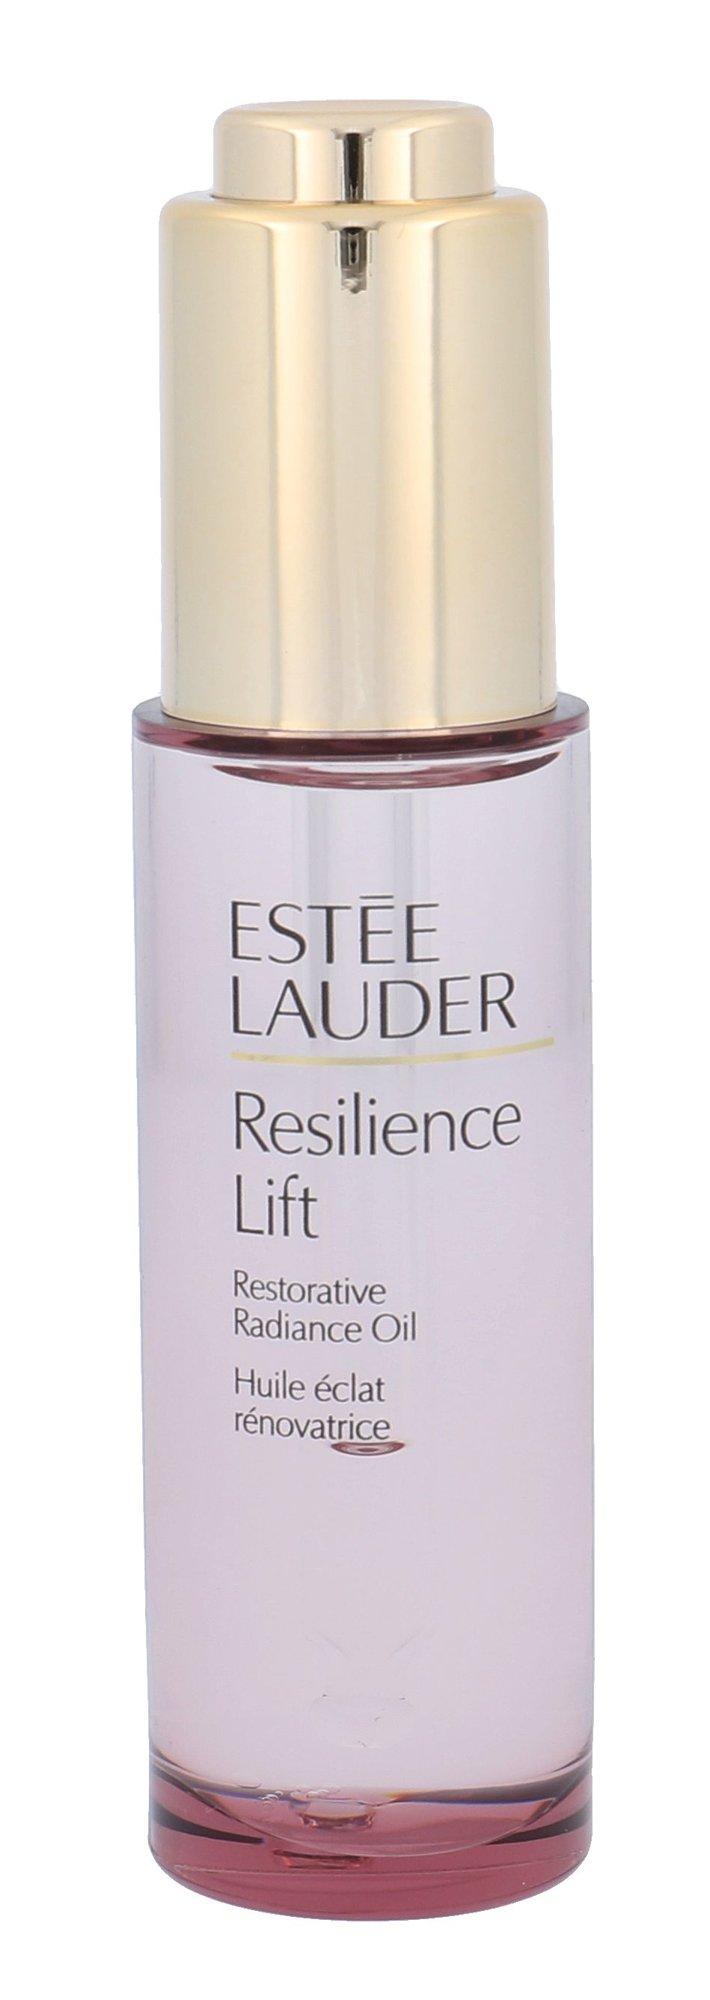 Estée Lauder Resilience Lift Cosmetic 30ml